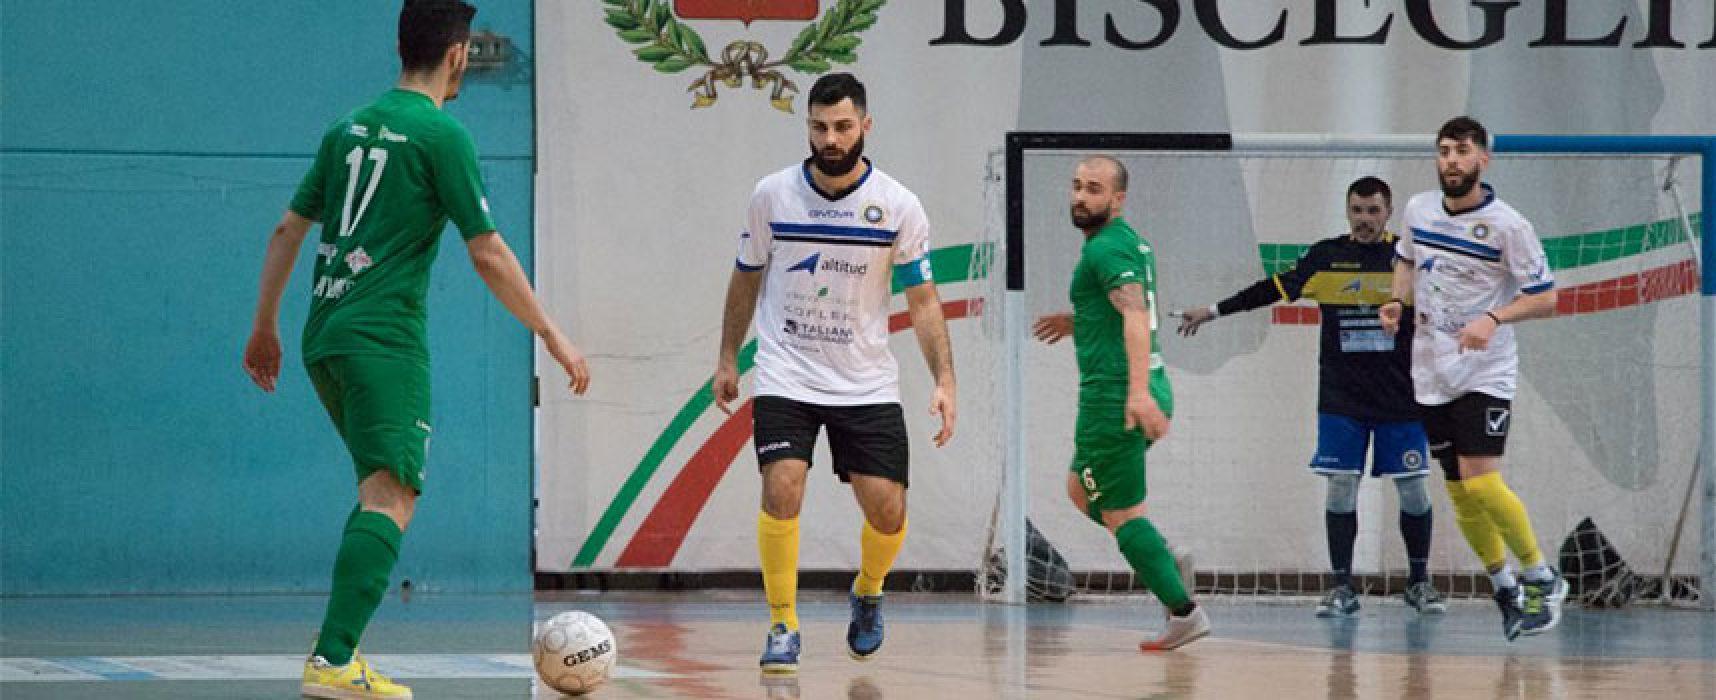 Obbligo vittoria per il Futsal Bisceglie contro il Marigliano